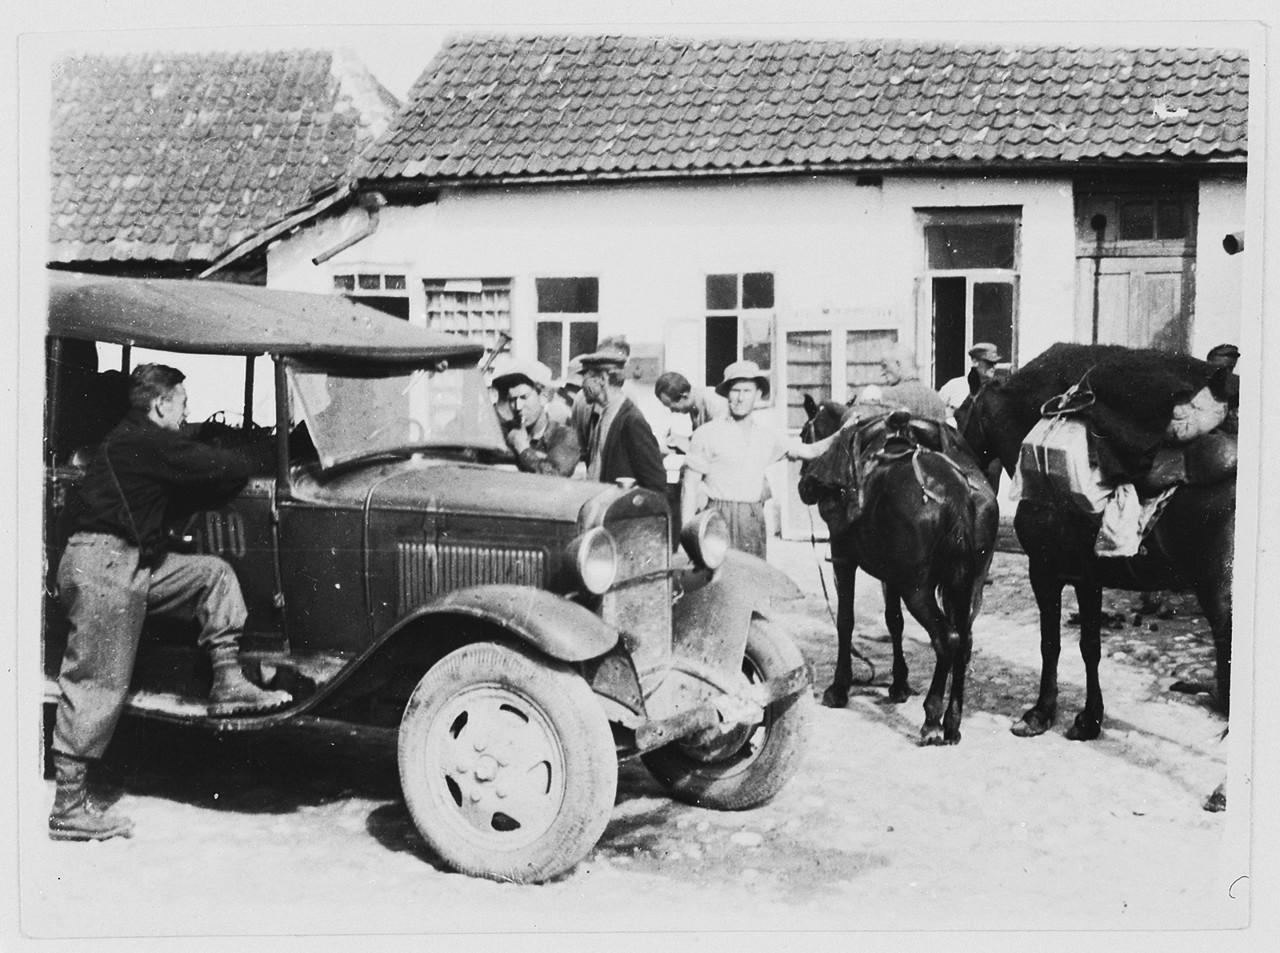 1932. Экспедиция первых немецких рабочих альпинистов на Кавказ.